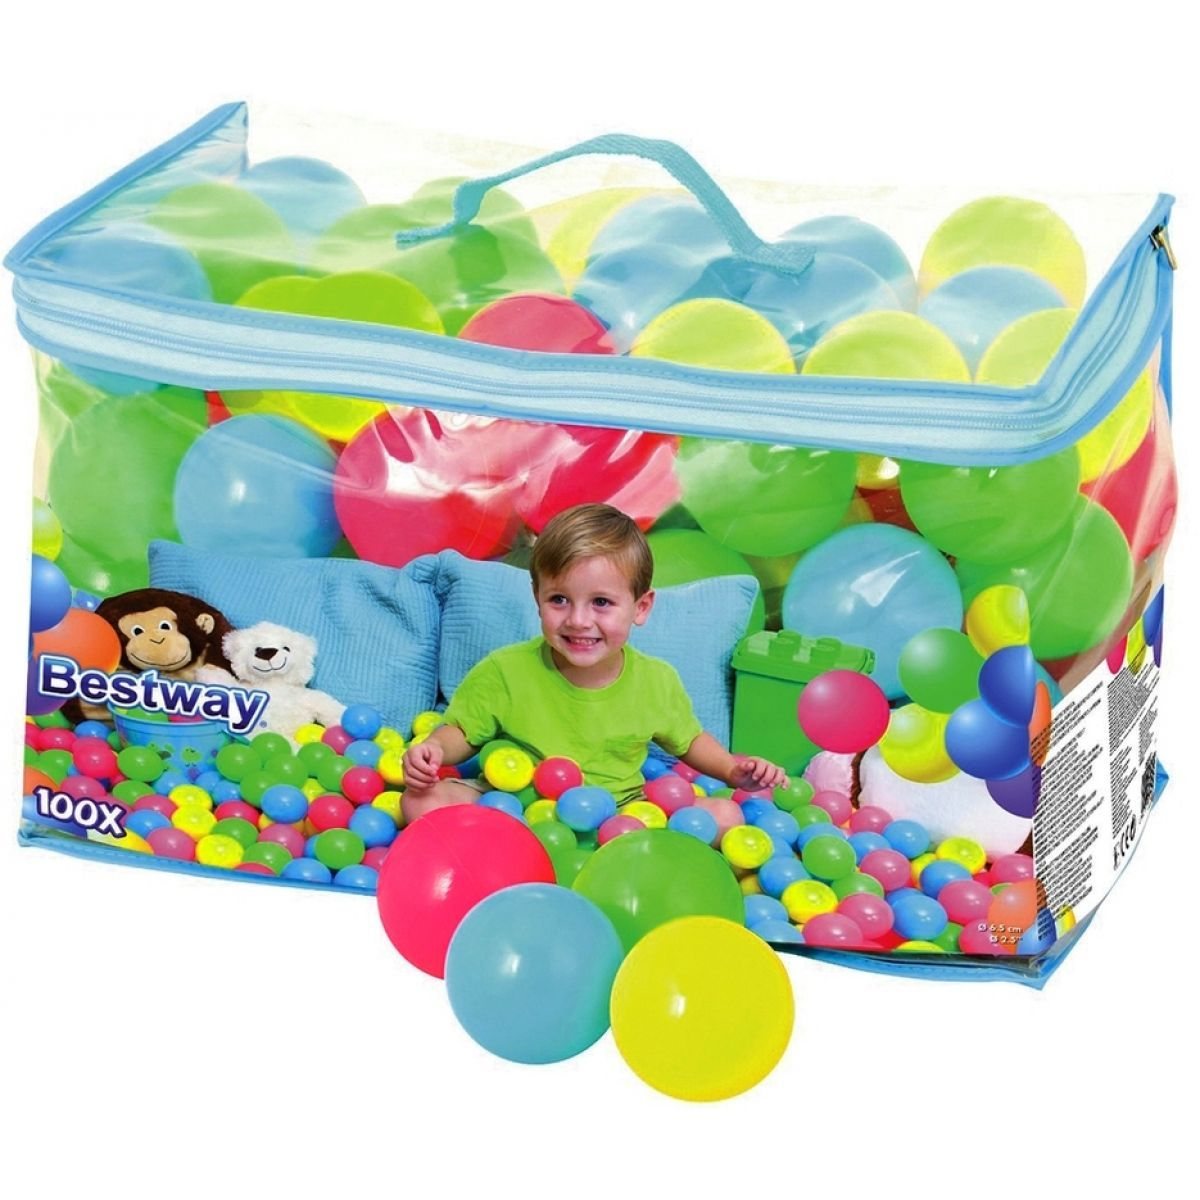 BESTWAY Míčky do hracího koutu Balls 100 ks